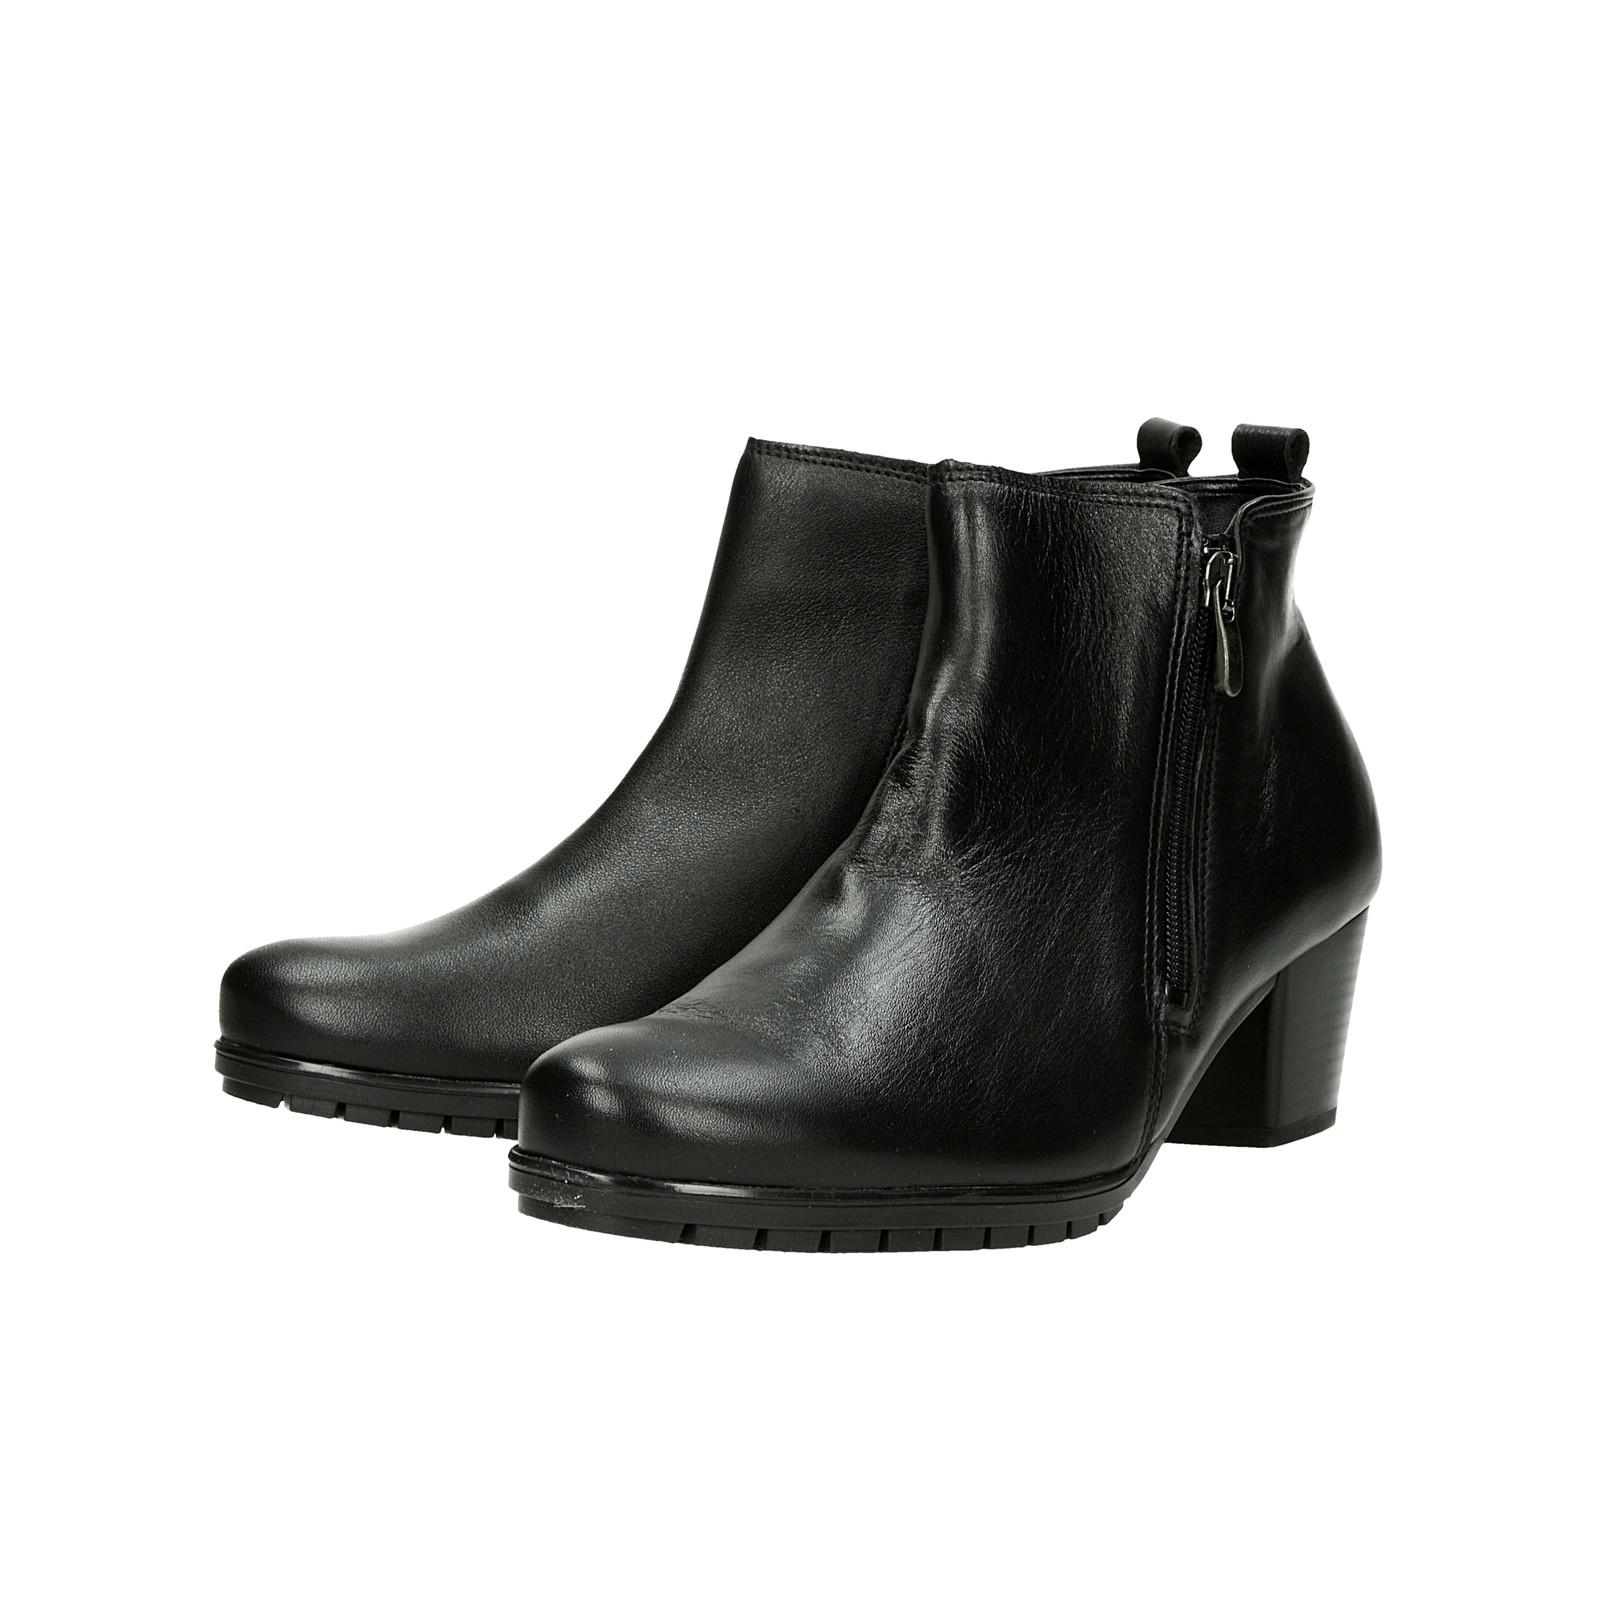 ... Alpina dámské kožené kotníkové boty na zip - černé ... 513c7dfcd0